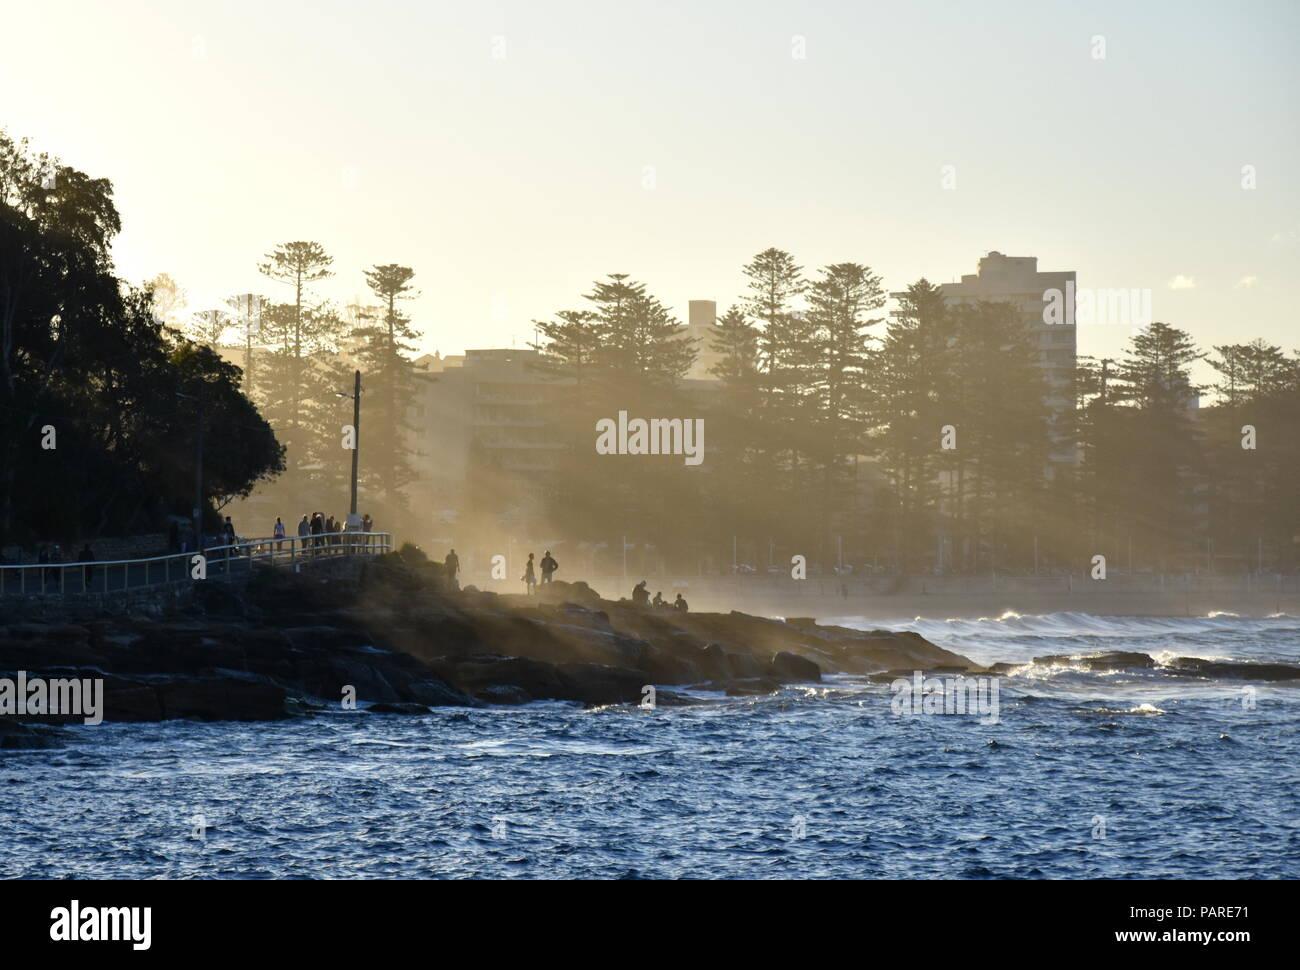 Nebel in Manly Beach kriechen. Die Menschen genießen den Sonnenuntergang und die letzten Sonnenstrahlen auf den Felsen. Stockfoto